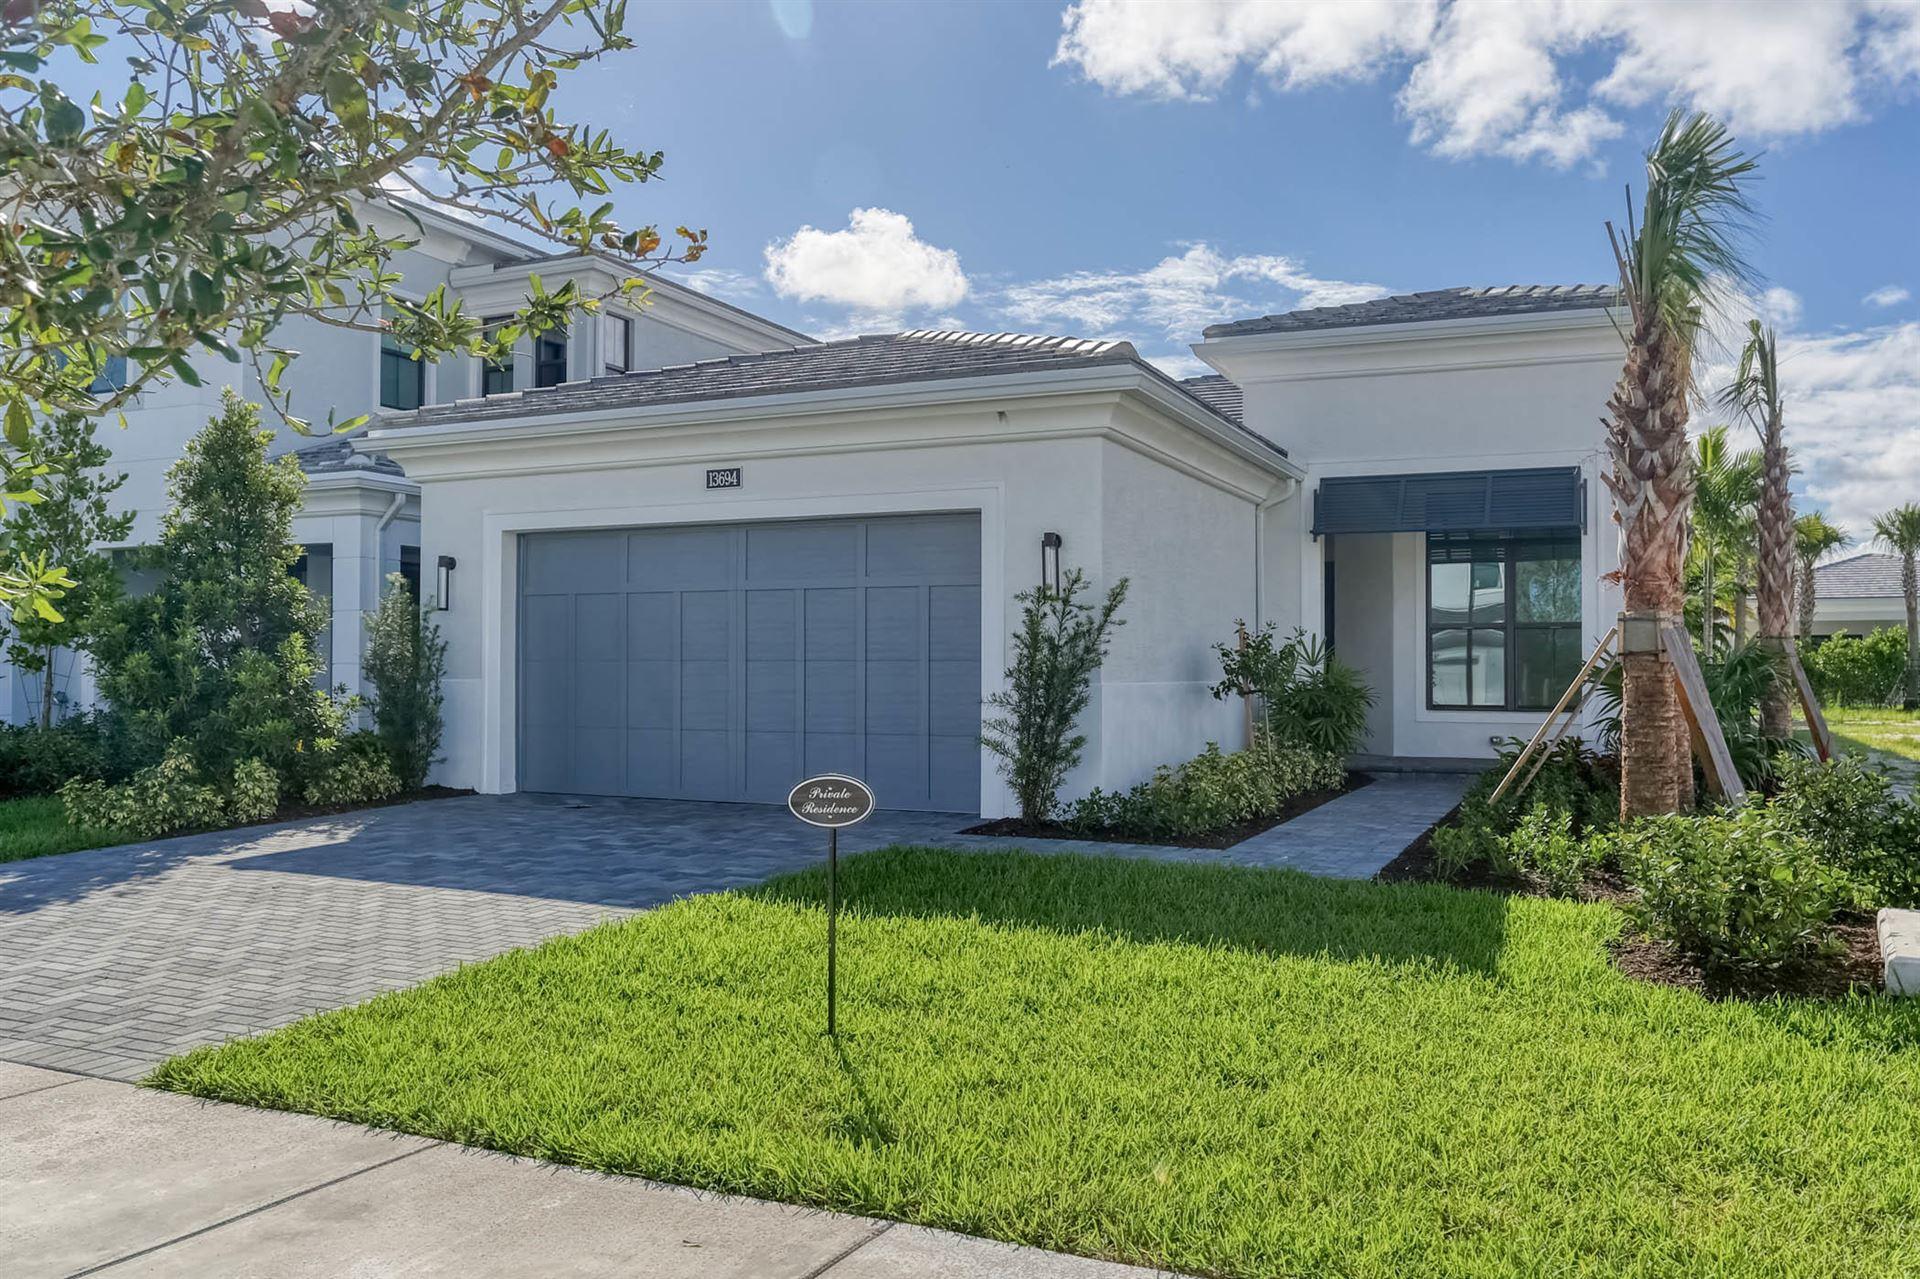 13694 Artisan Circle, Palm Beach Gardens, FL 33418 - #: RX-10654621